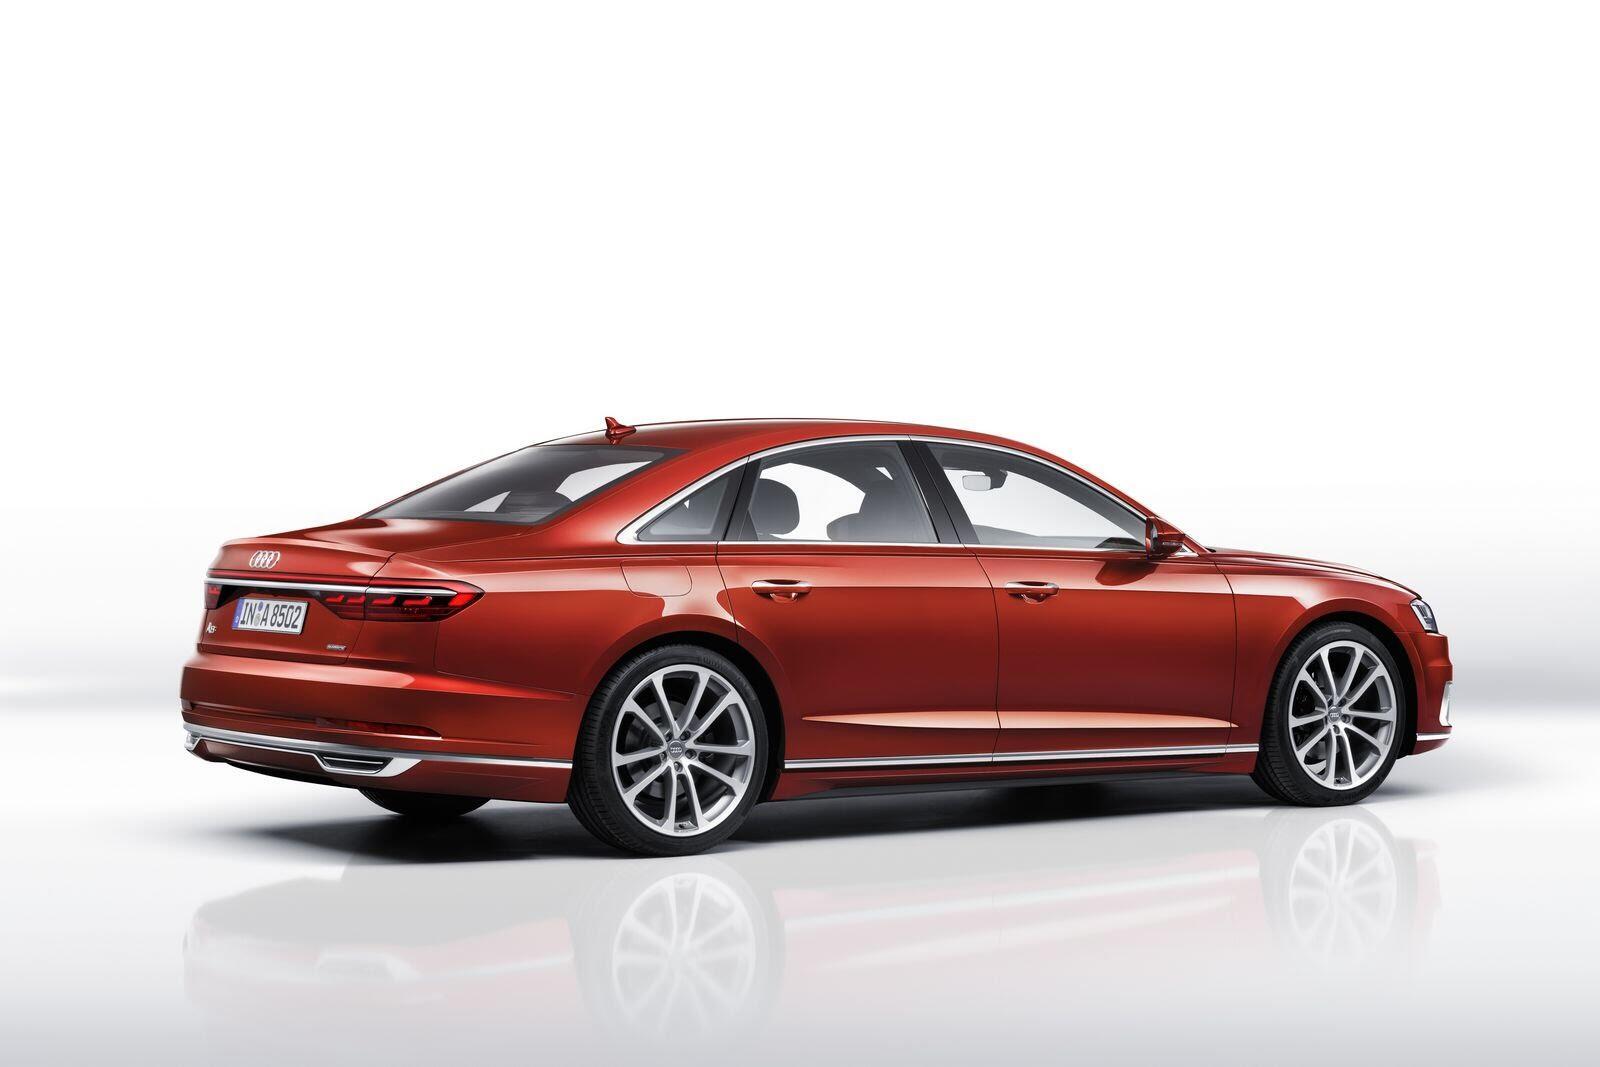 Audi A8 hoàn toàn mới chính thức ra mắt với đầy ắp công nghệ - Hình 2